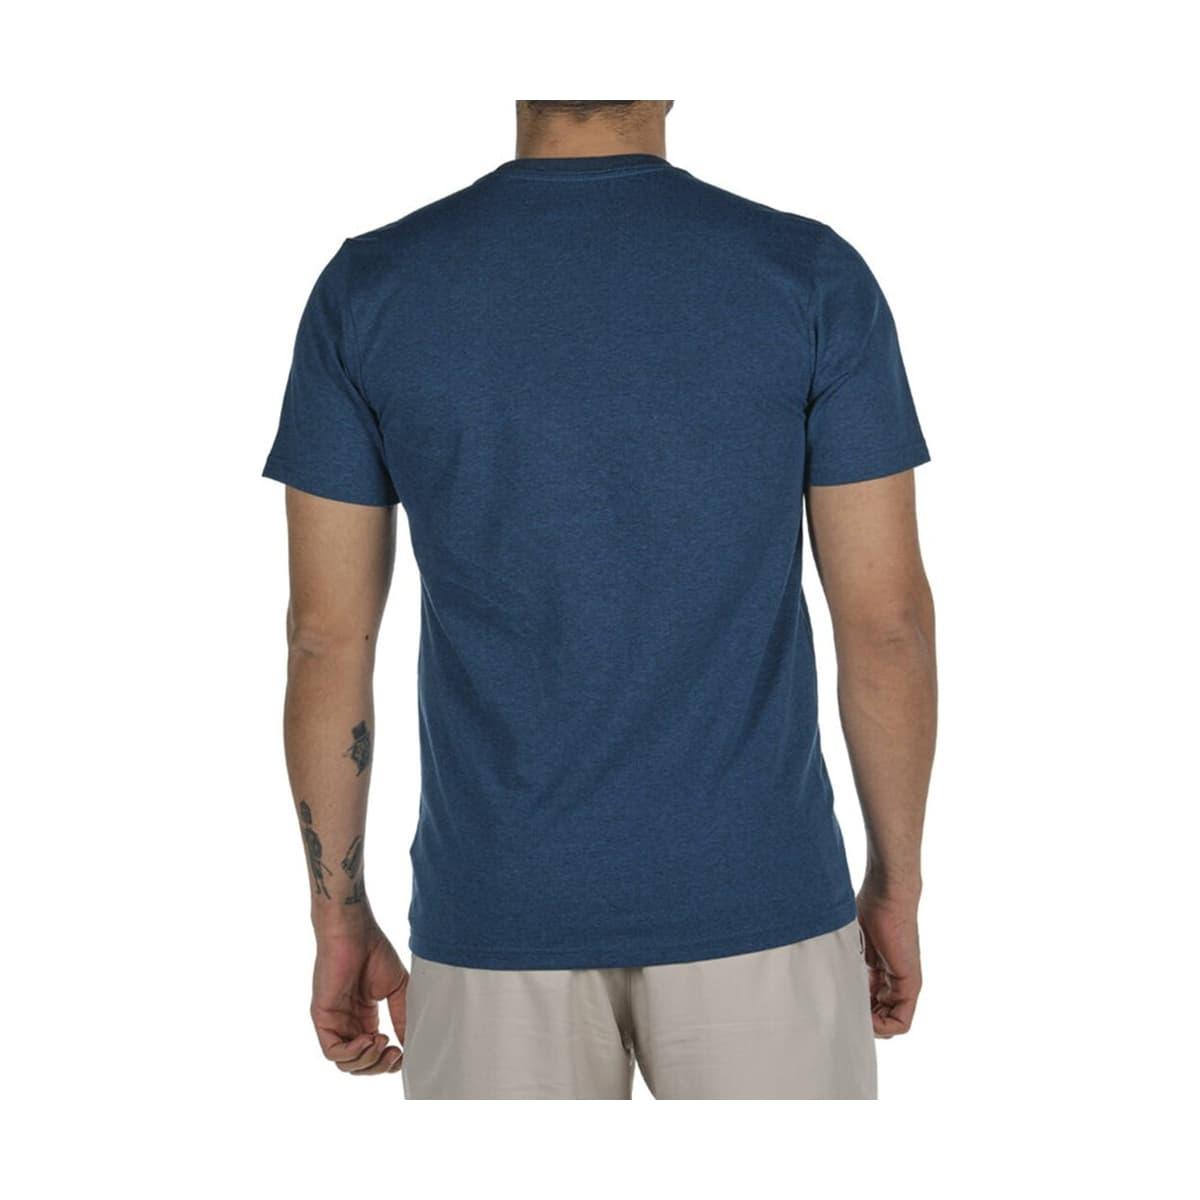 Icon Pocket Erkek Yeşil Tişört